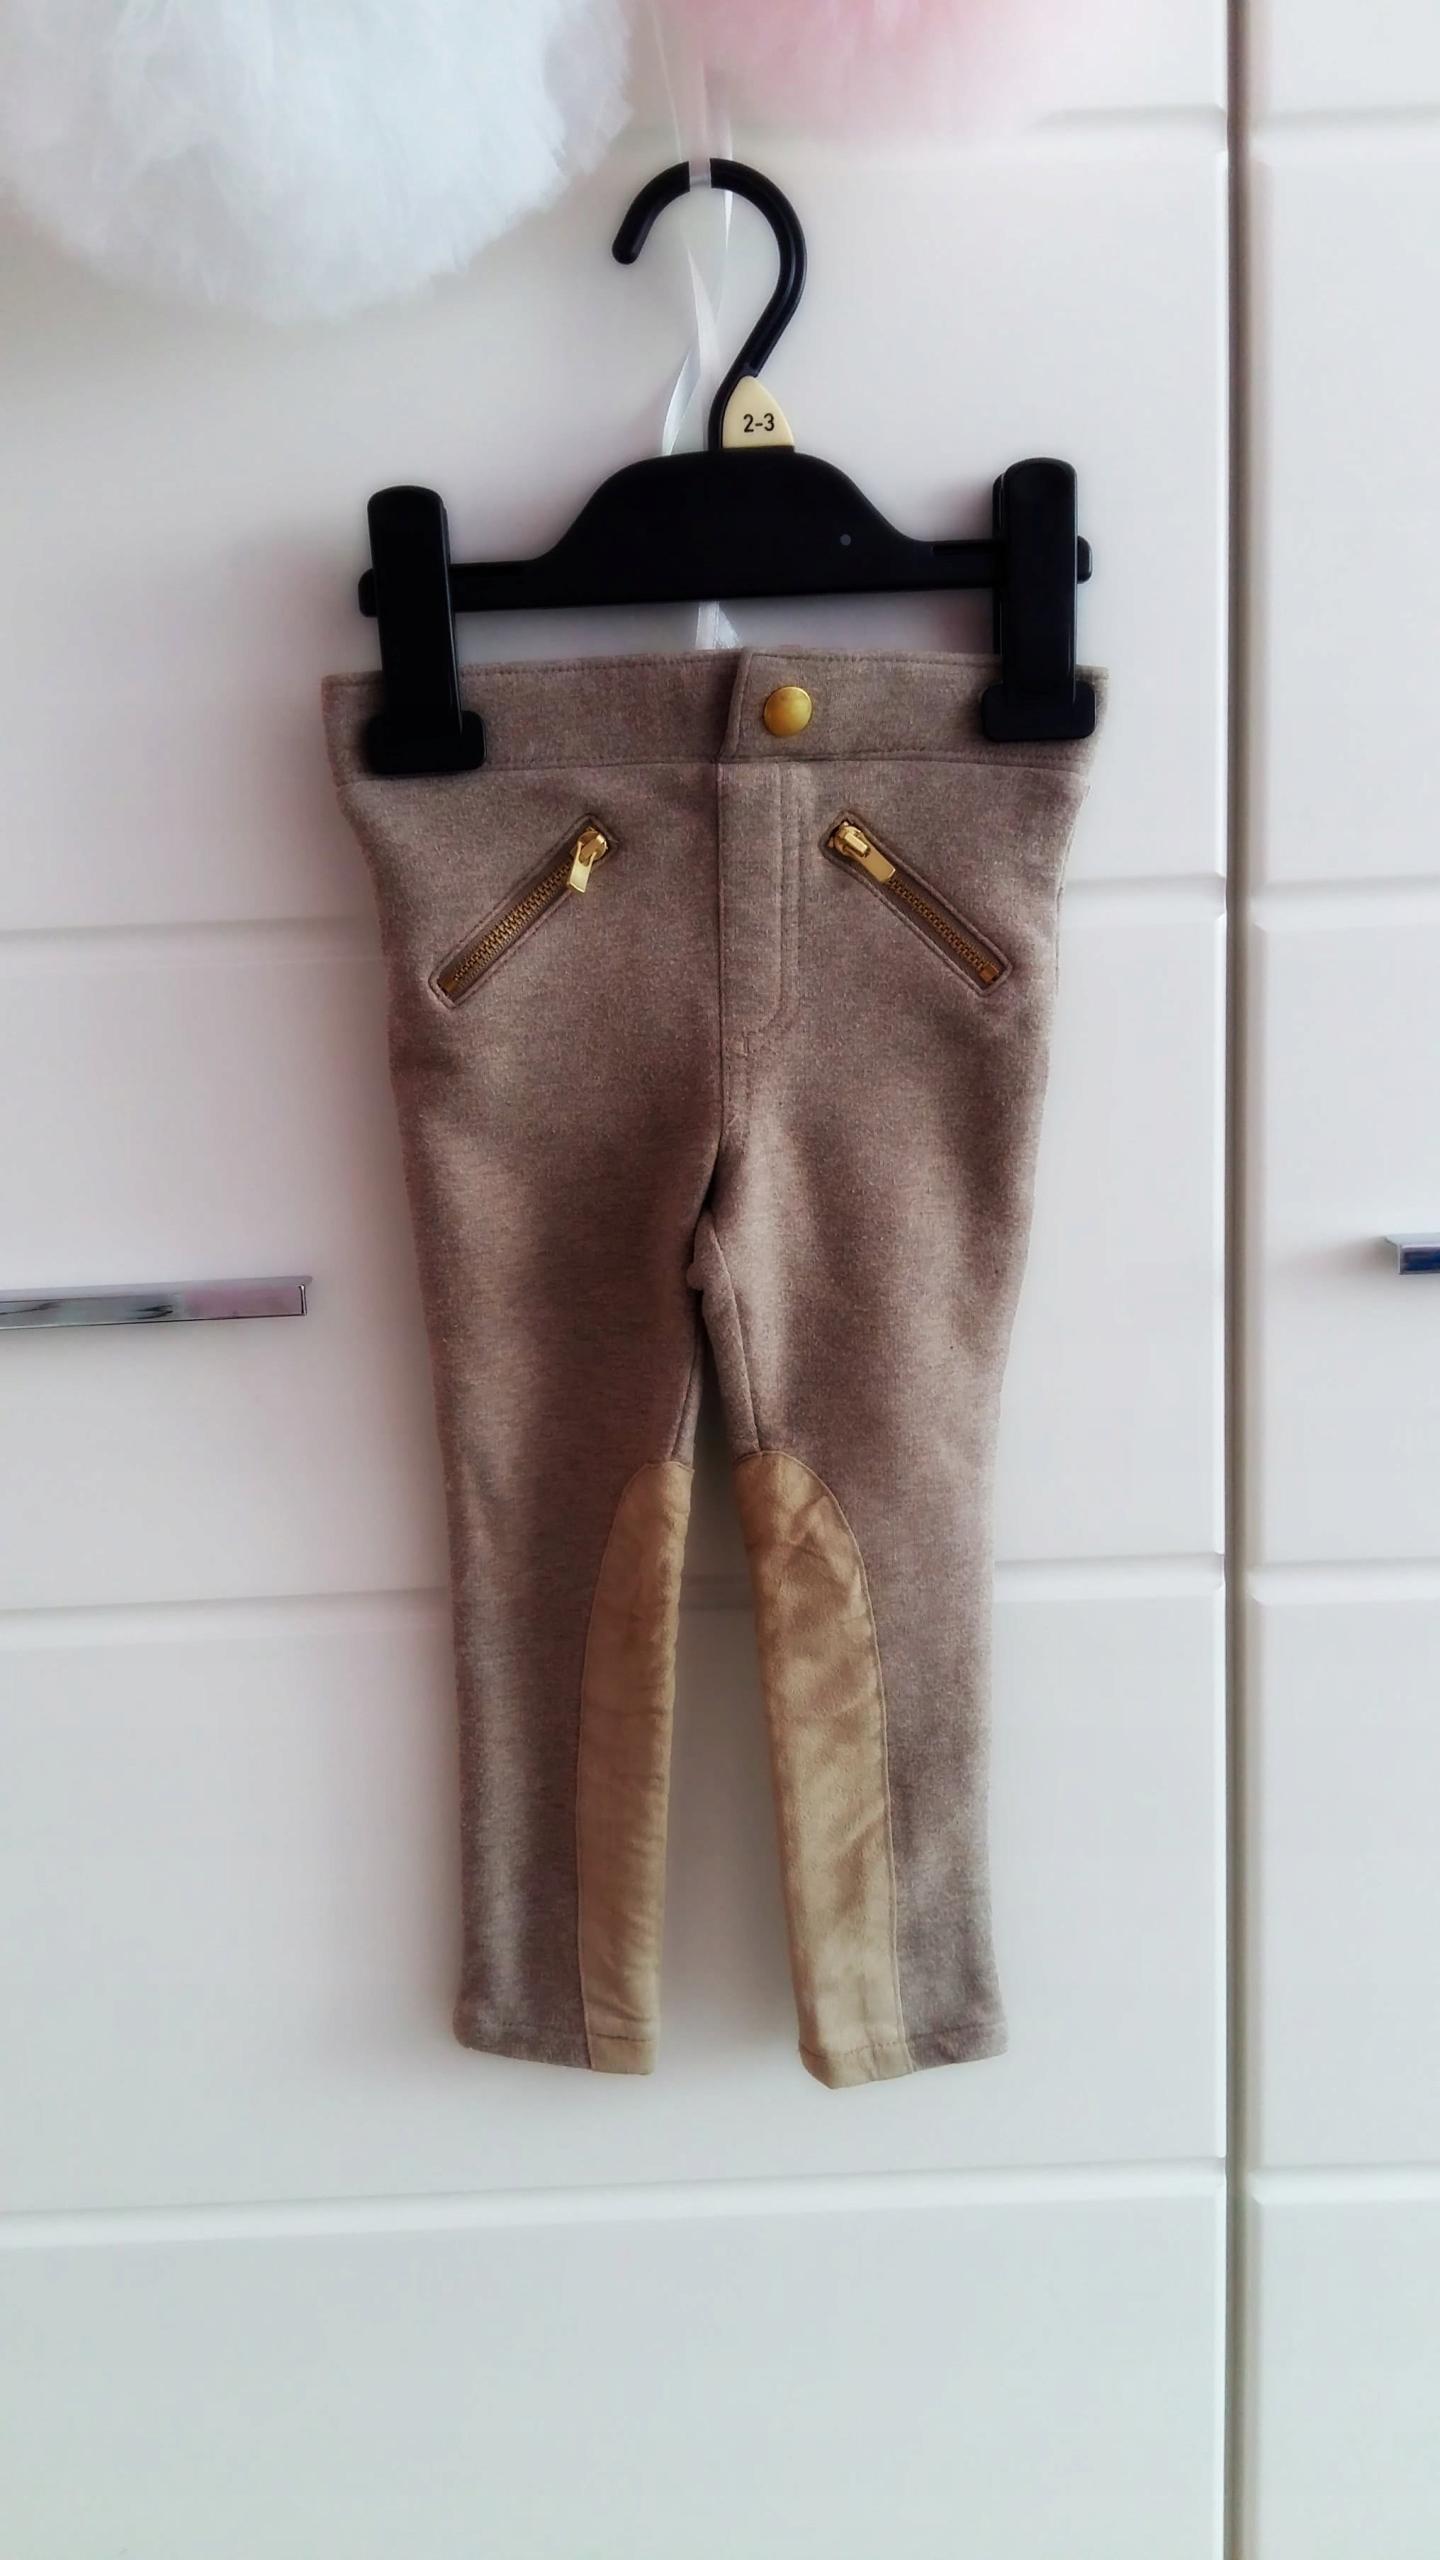 H&M Rurki spodnie IDEAŁ rozmiar 92 cm 7643202953